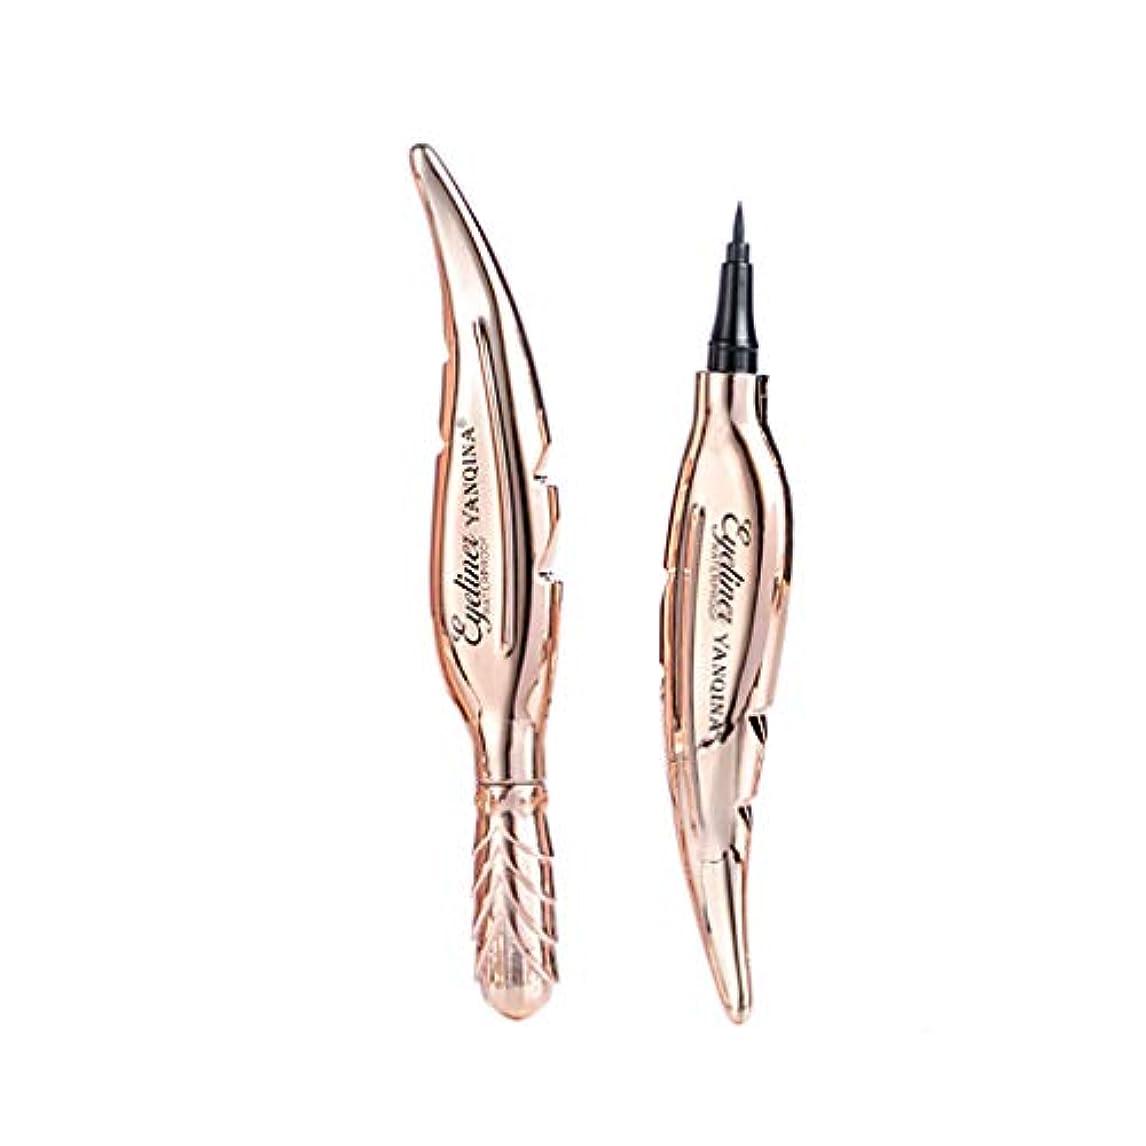 モート乱すサーバントYan Qinaの羽の形の涼しく黒いアイライナーのペンは染められない速い乾燥した防水